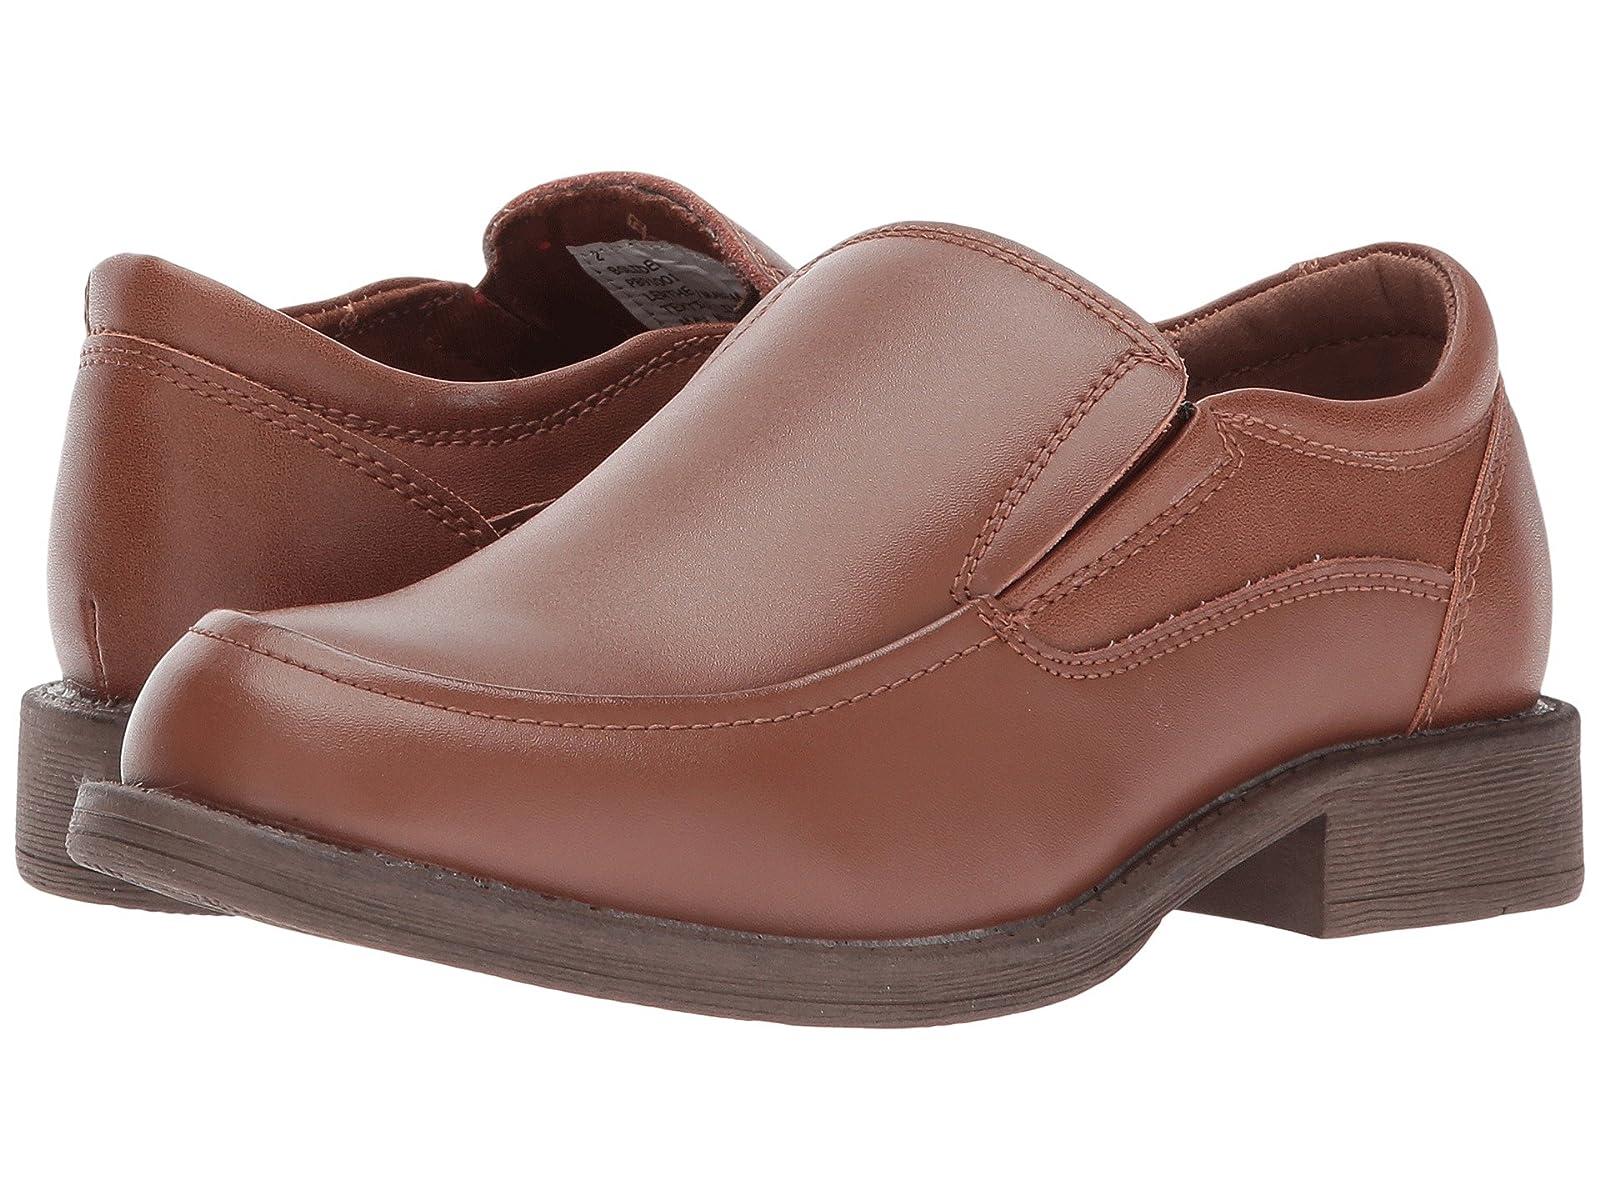 Steve Madden Kids Bslider (Toddler/Little Kid/Big Kid)Atmospheric grades have affordable shoes